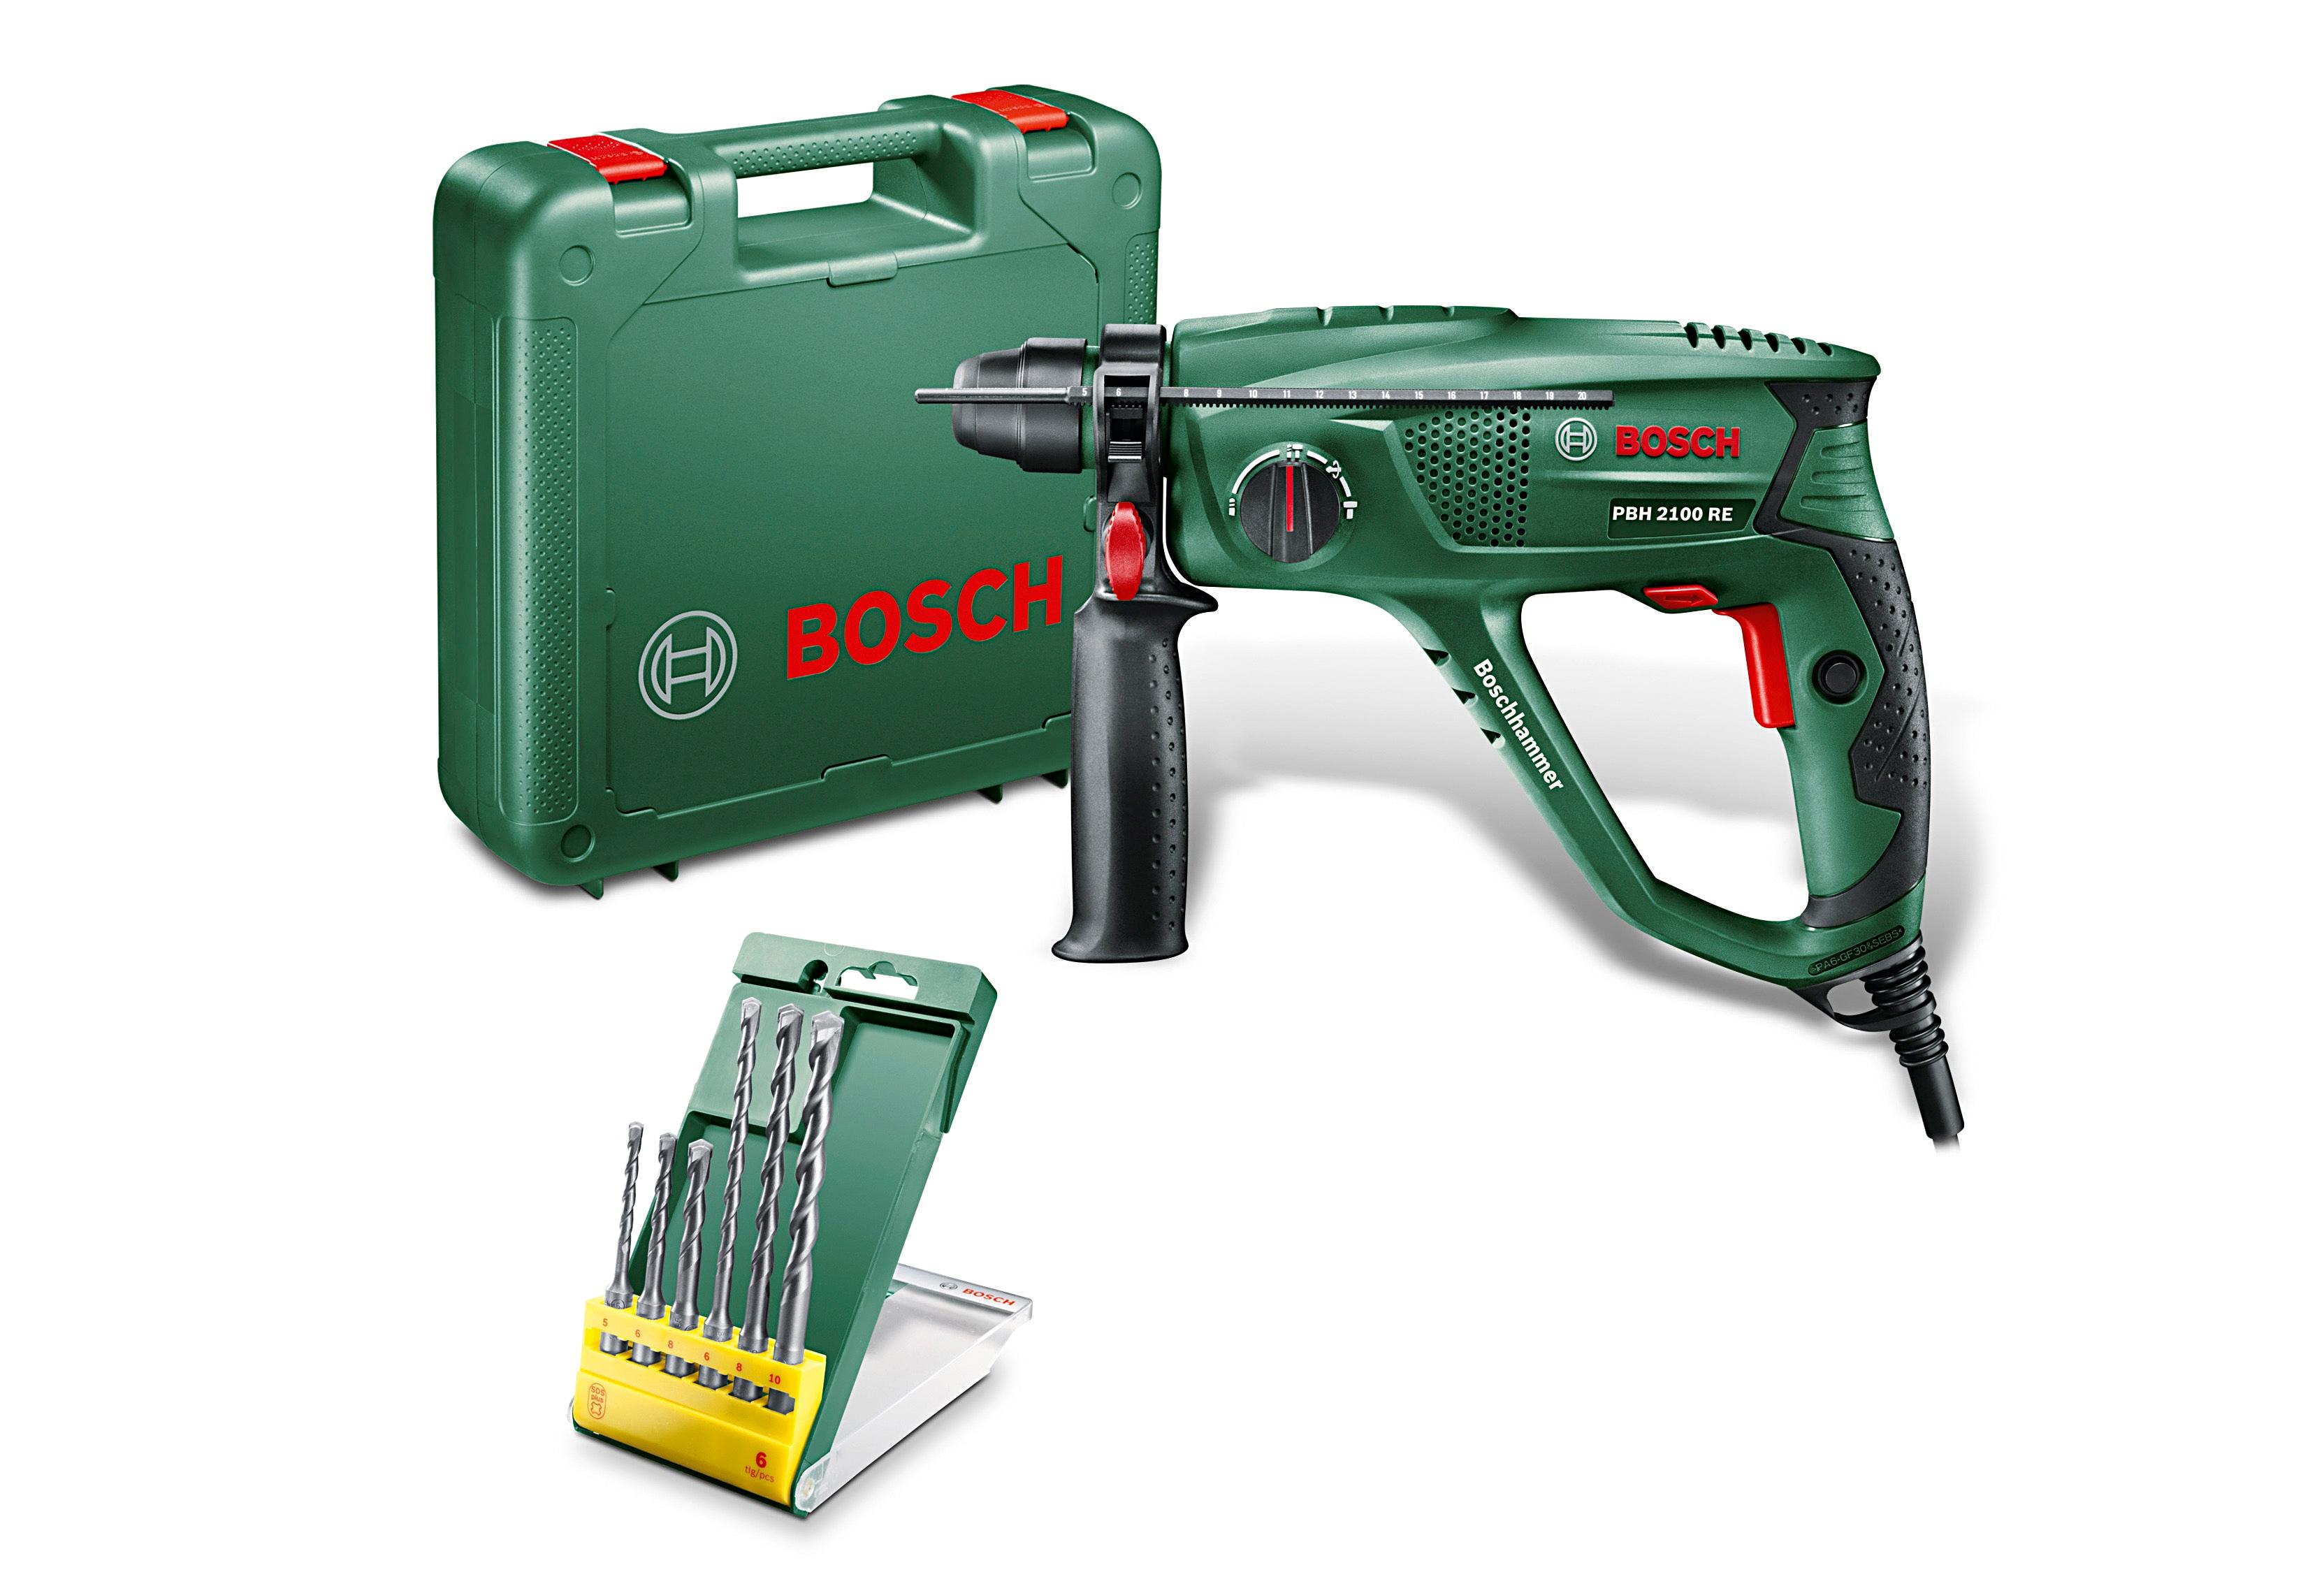 BOSCH Bohrhammer PBH 2100 RE, inkl. 6-tlg. Bohrer-Set grün Bohrhämmer Werkzeug Maschinen